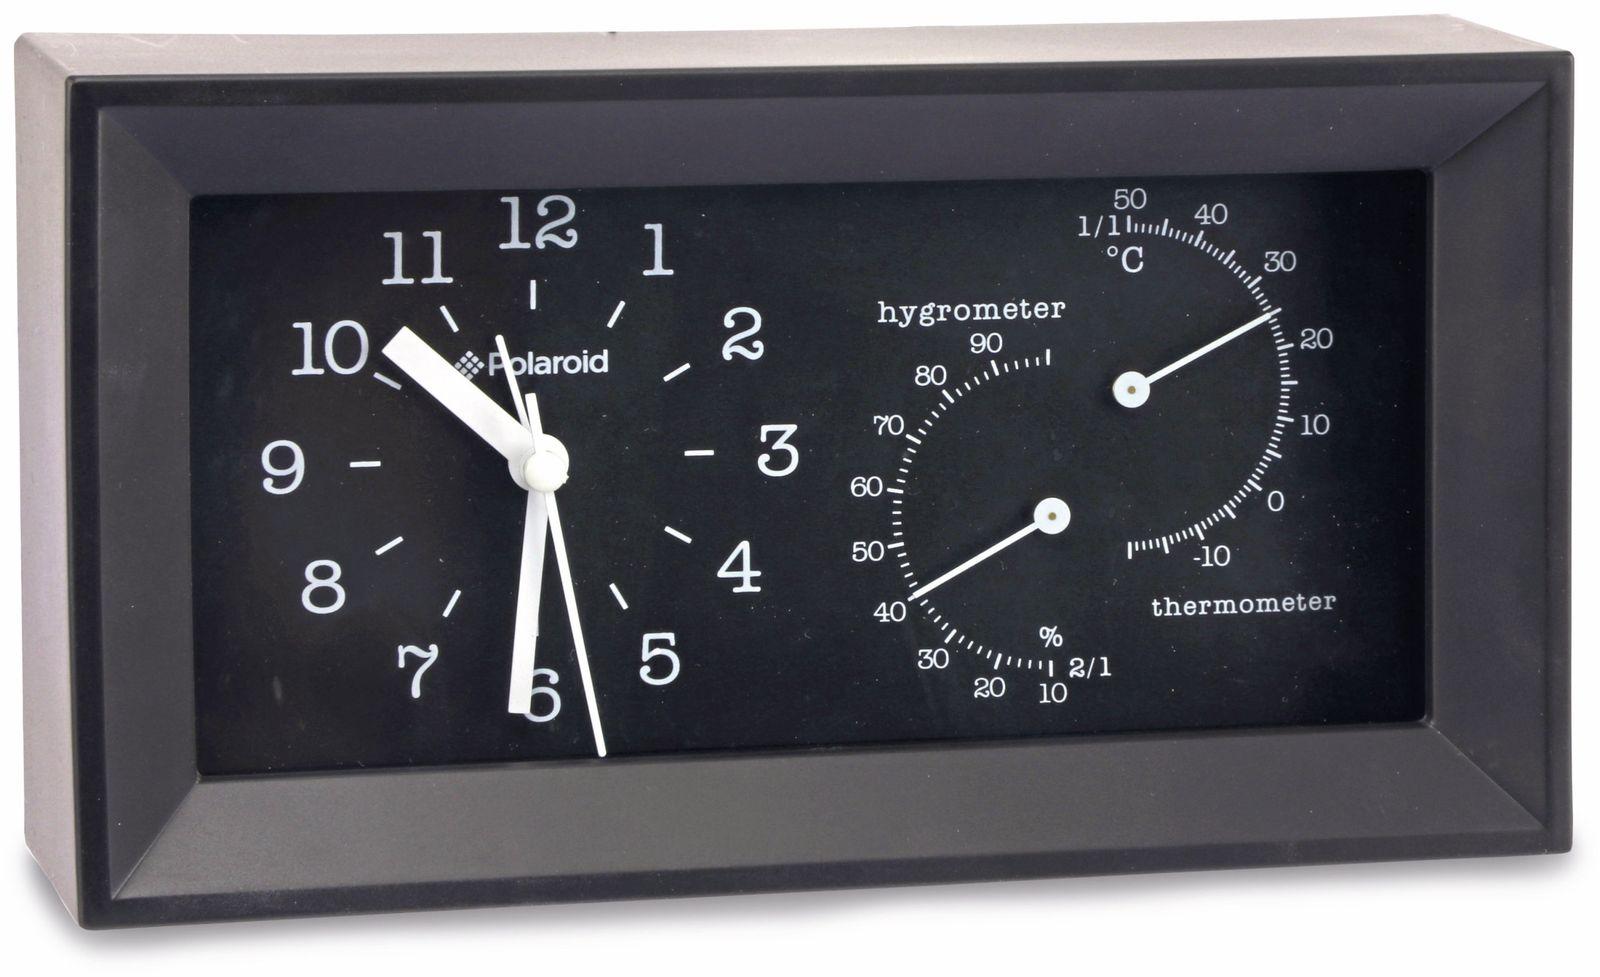 Uhr-/Wetterstation Polaroid, schwarz